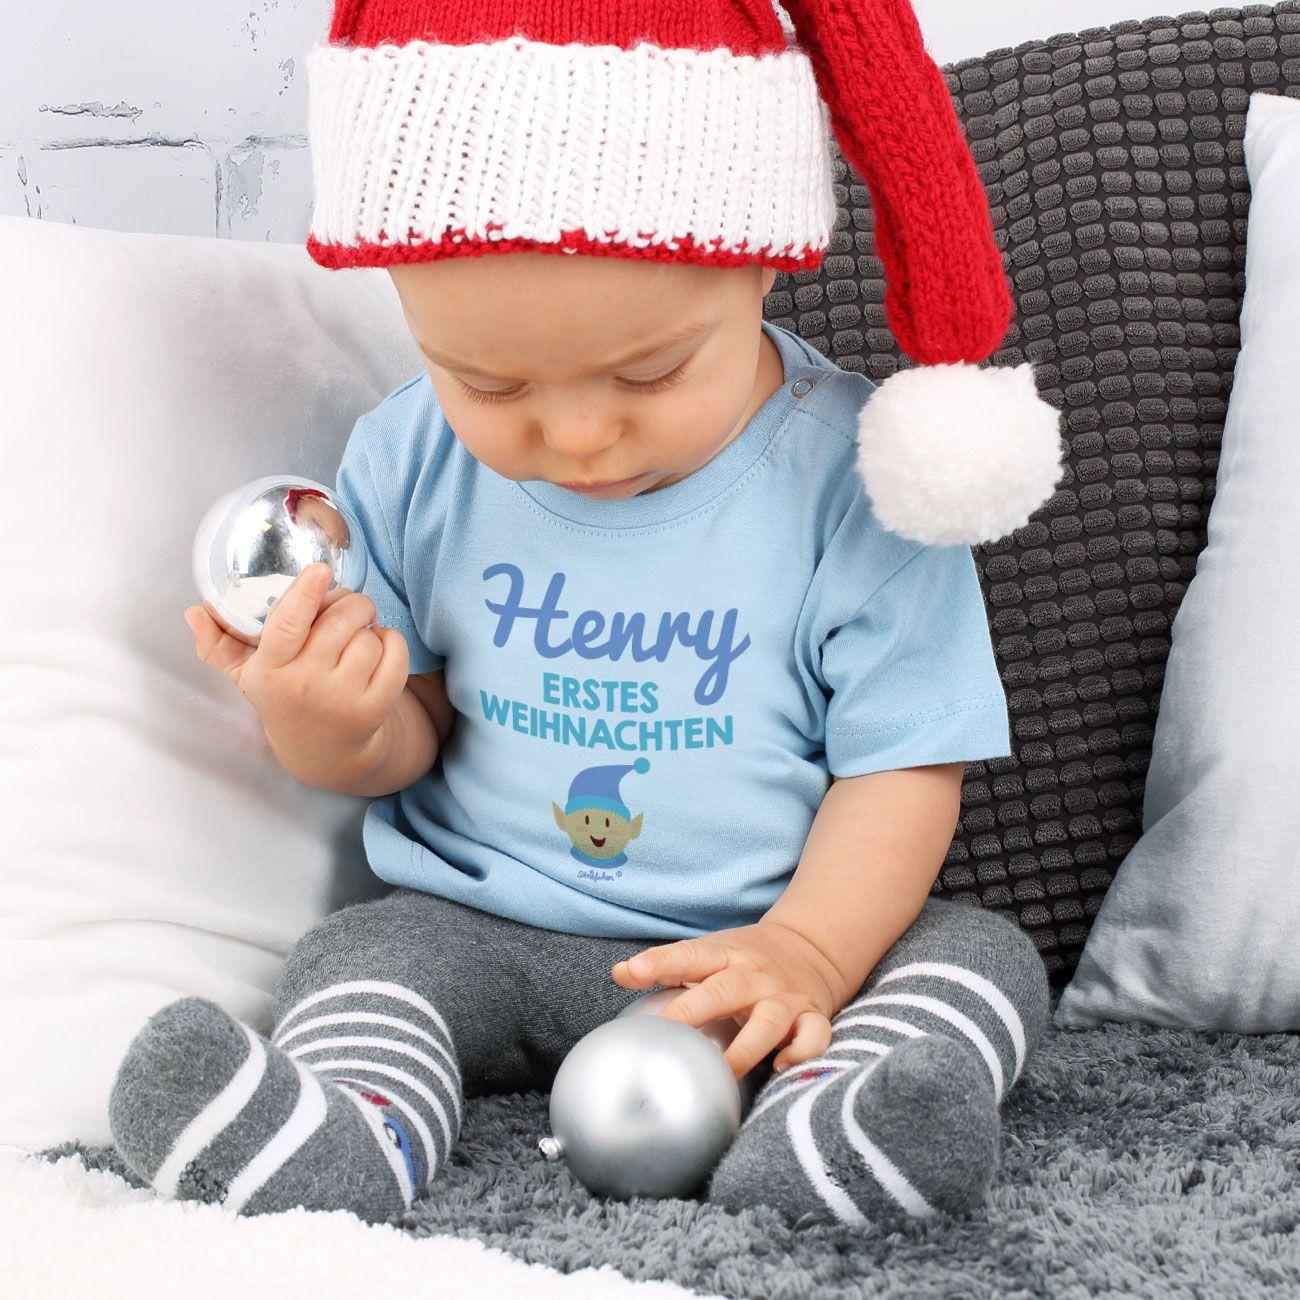 https://www.geschenke-online.de/baby-t-shirt-erstes-weihnachten-mit ...